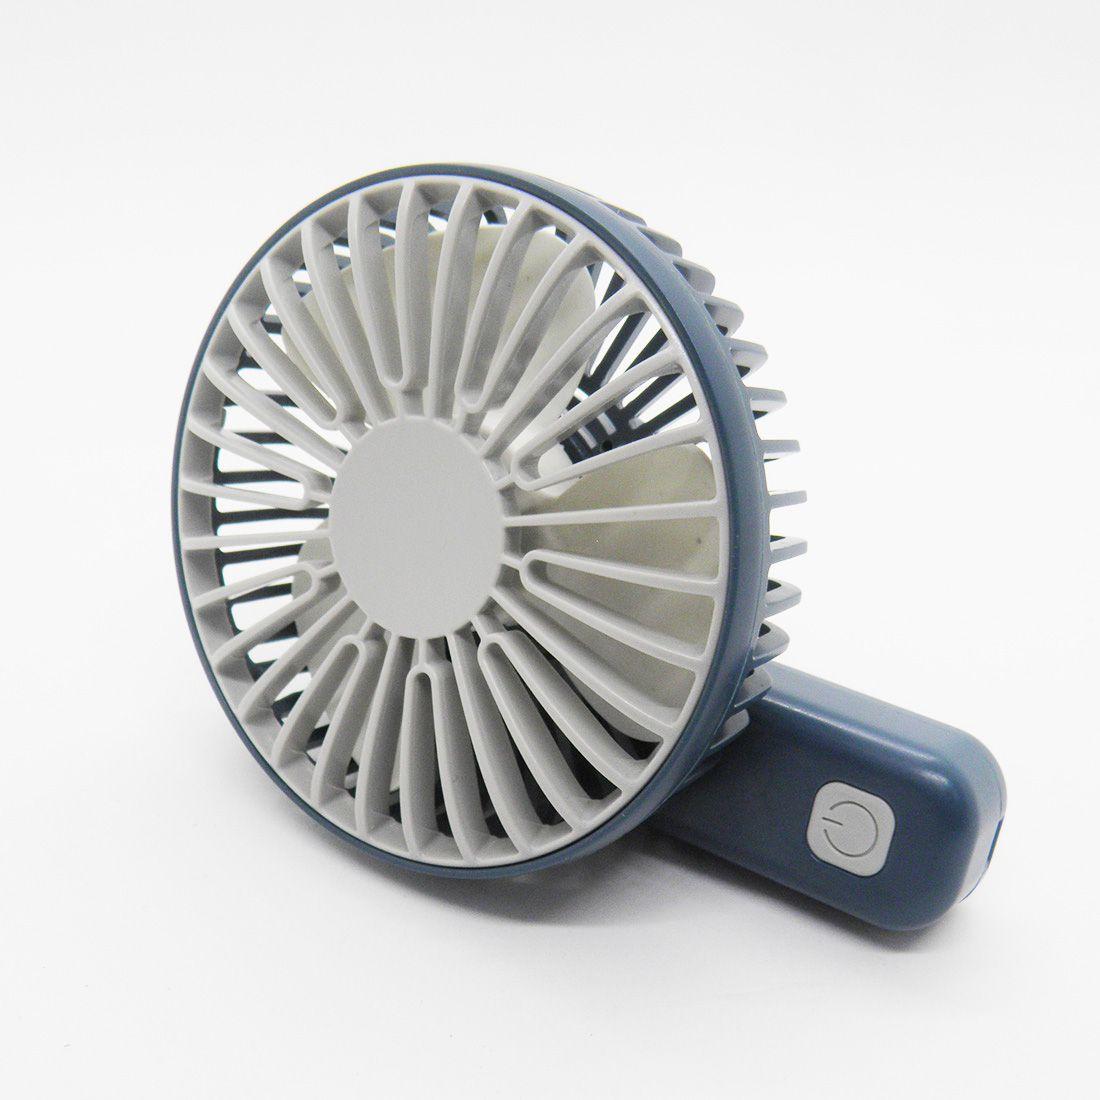 Mini Ventilador Recarregavel USB De Mao Bateria Portatil 3 Velocidades